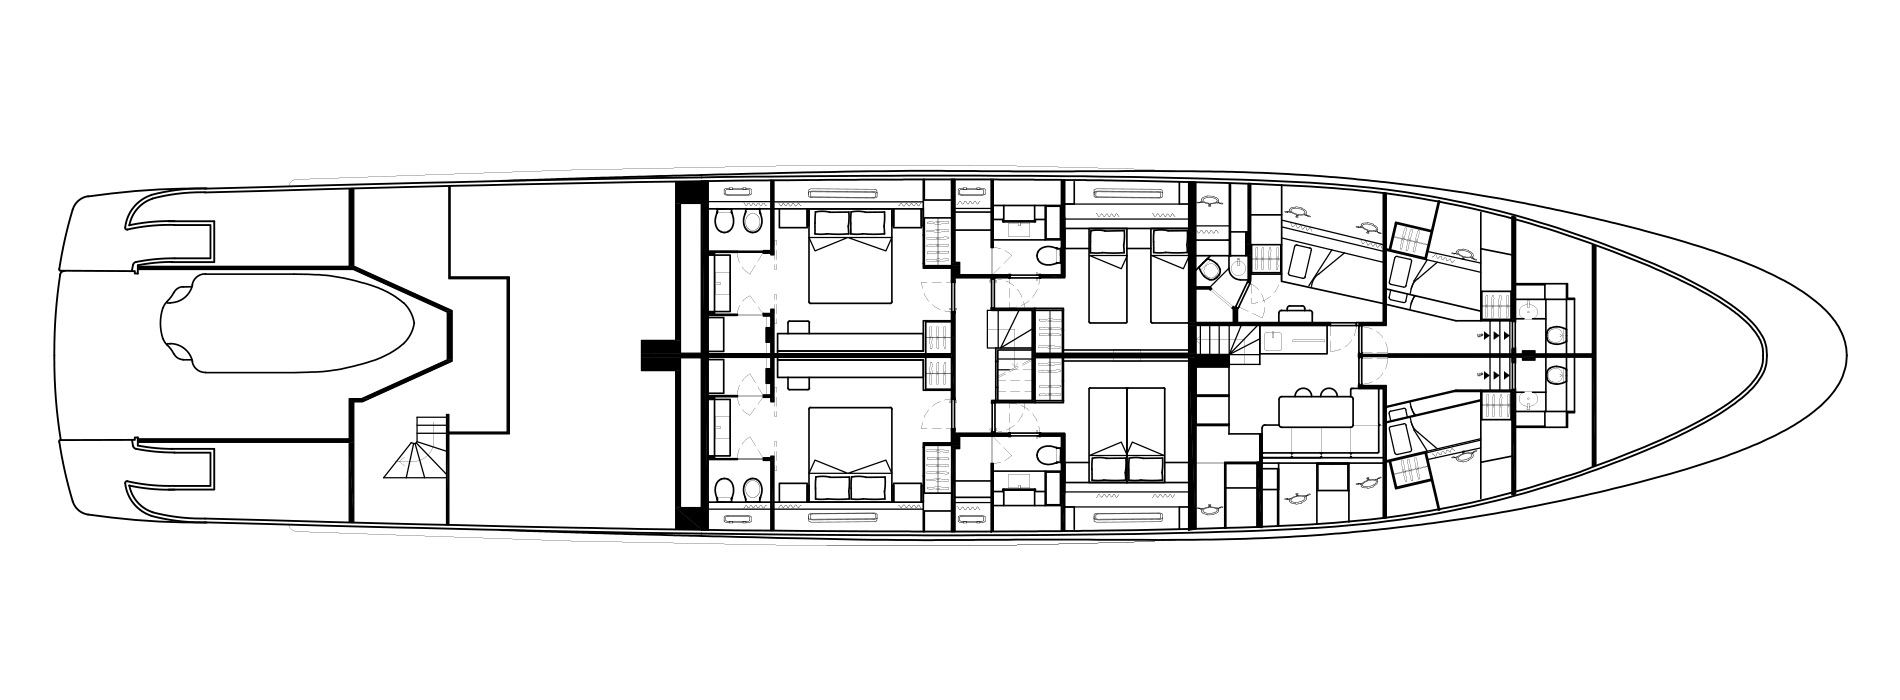 Sanlorenzo Yachts SD126 Lower Deck Version A bis